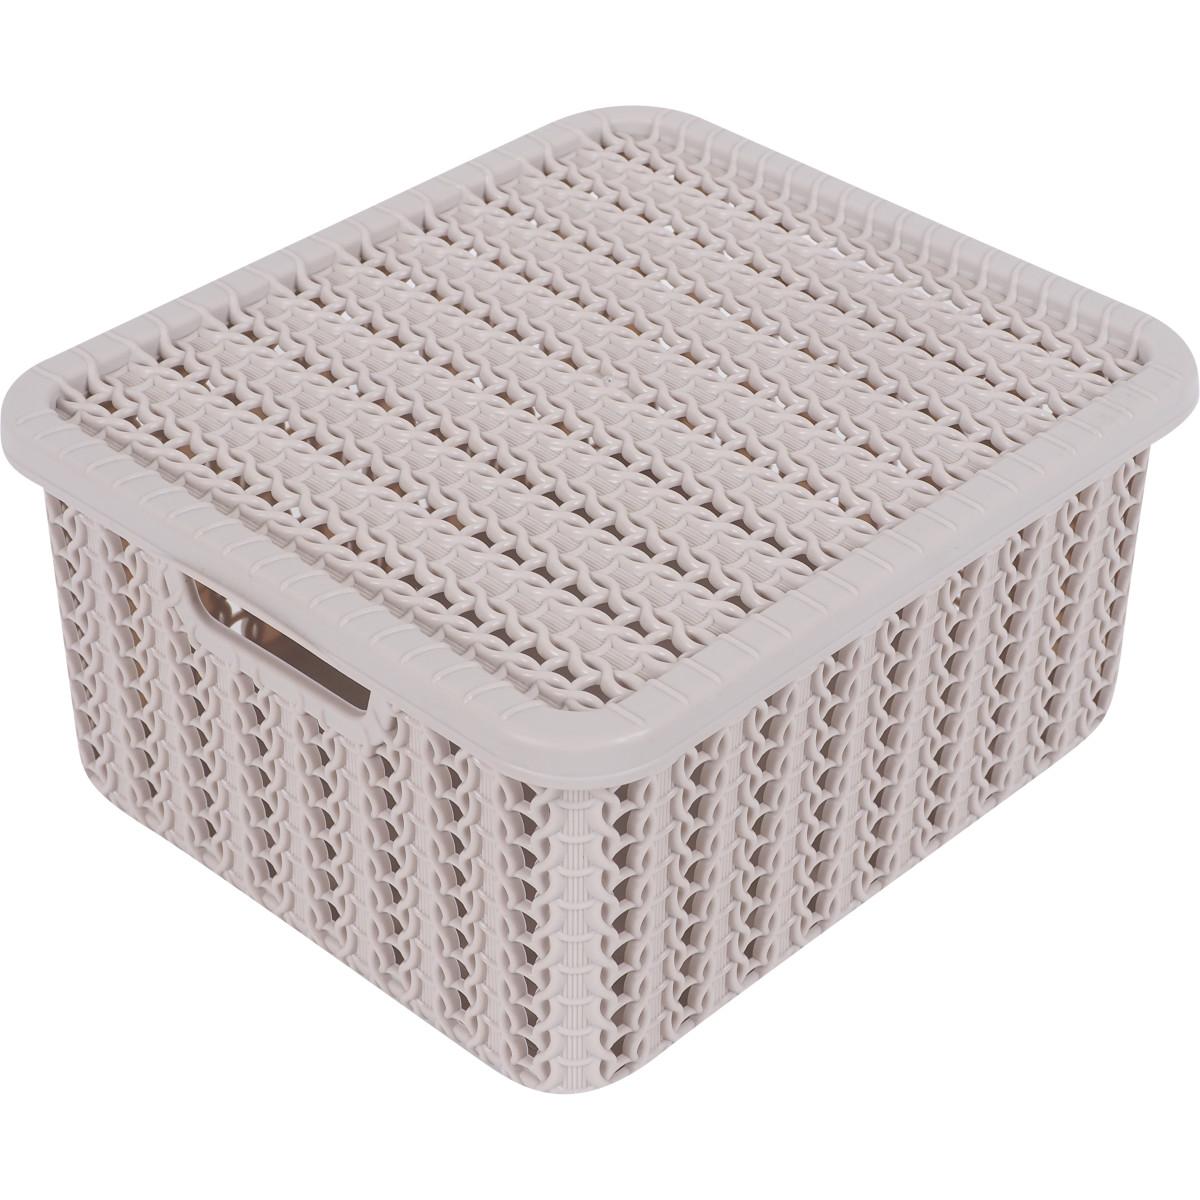 Коробка Вязание 1.5 л с крышкой цвет бежевый